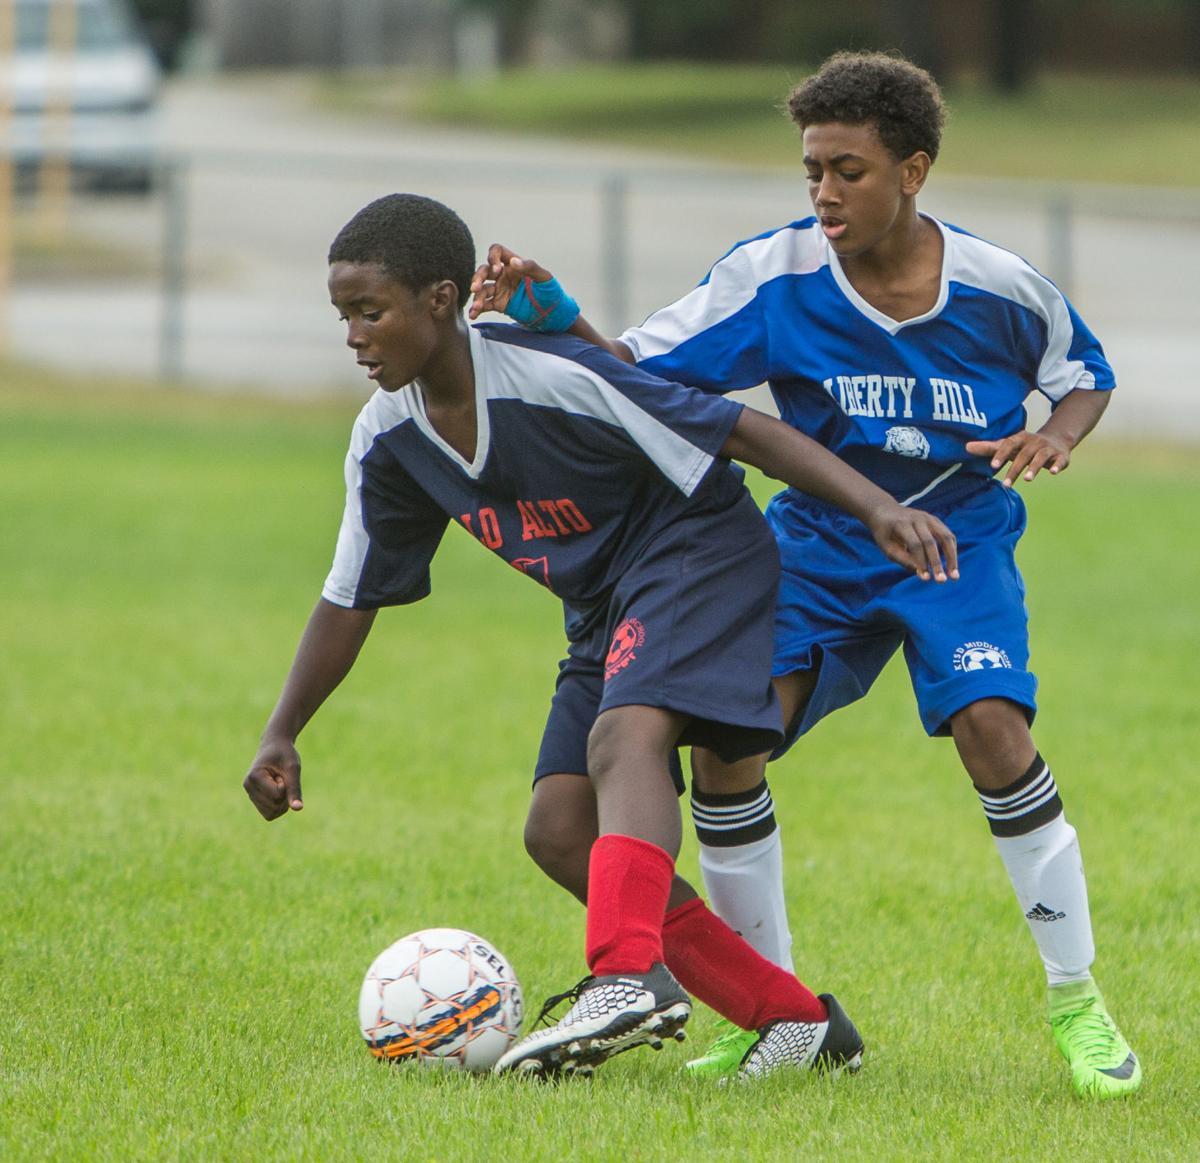 170520-Mid Sch Soccer Tourn